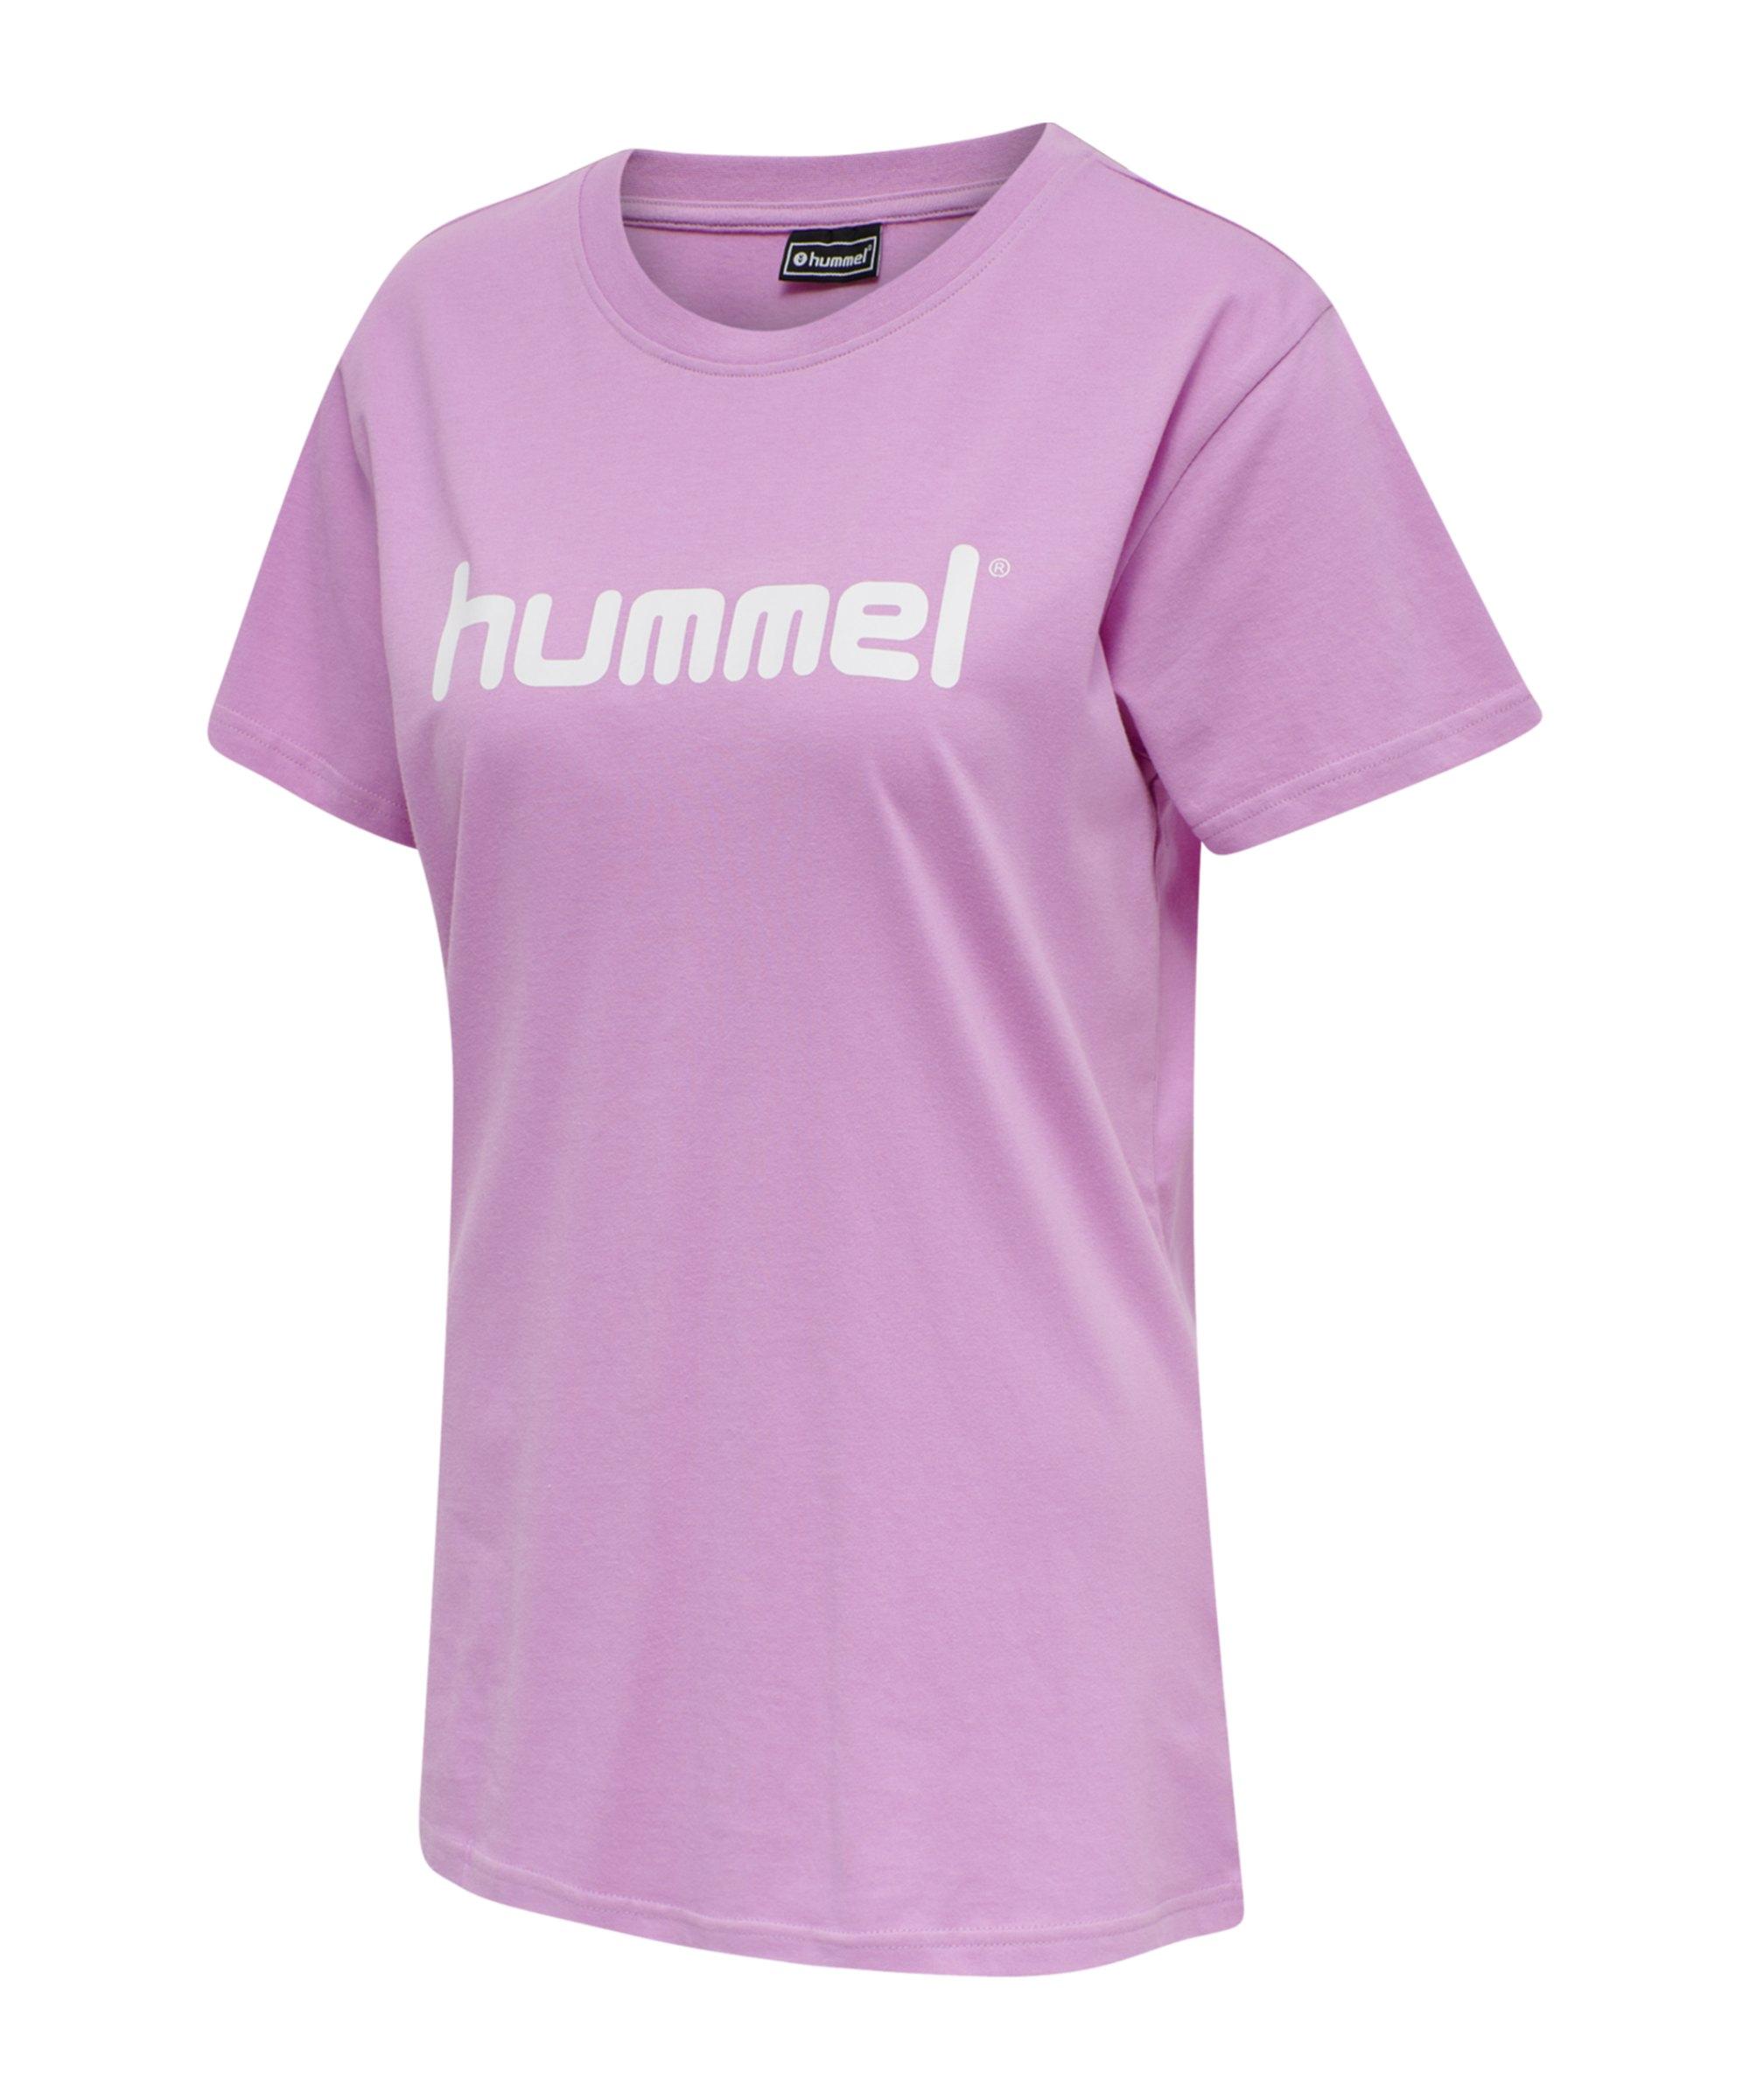 Hummel Cotton T-Shirt Logo Damen Lila F3415 - lila